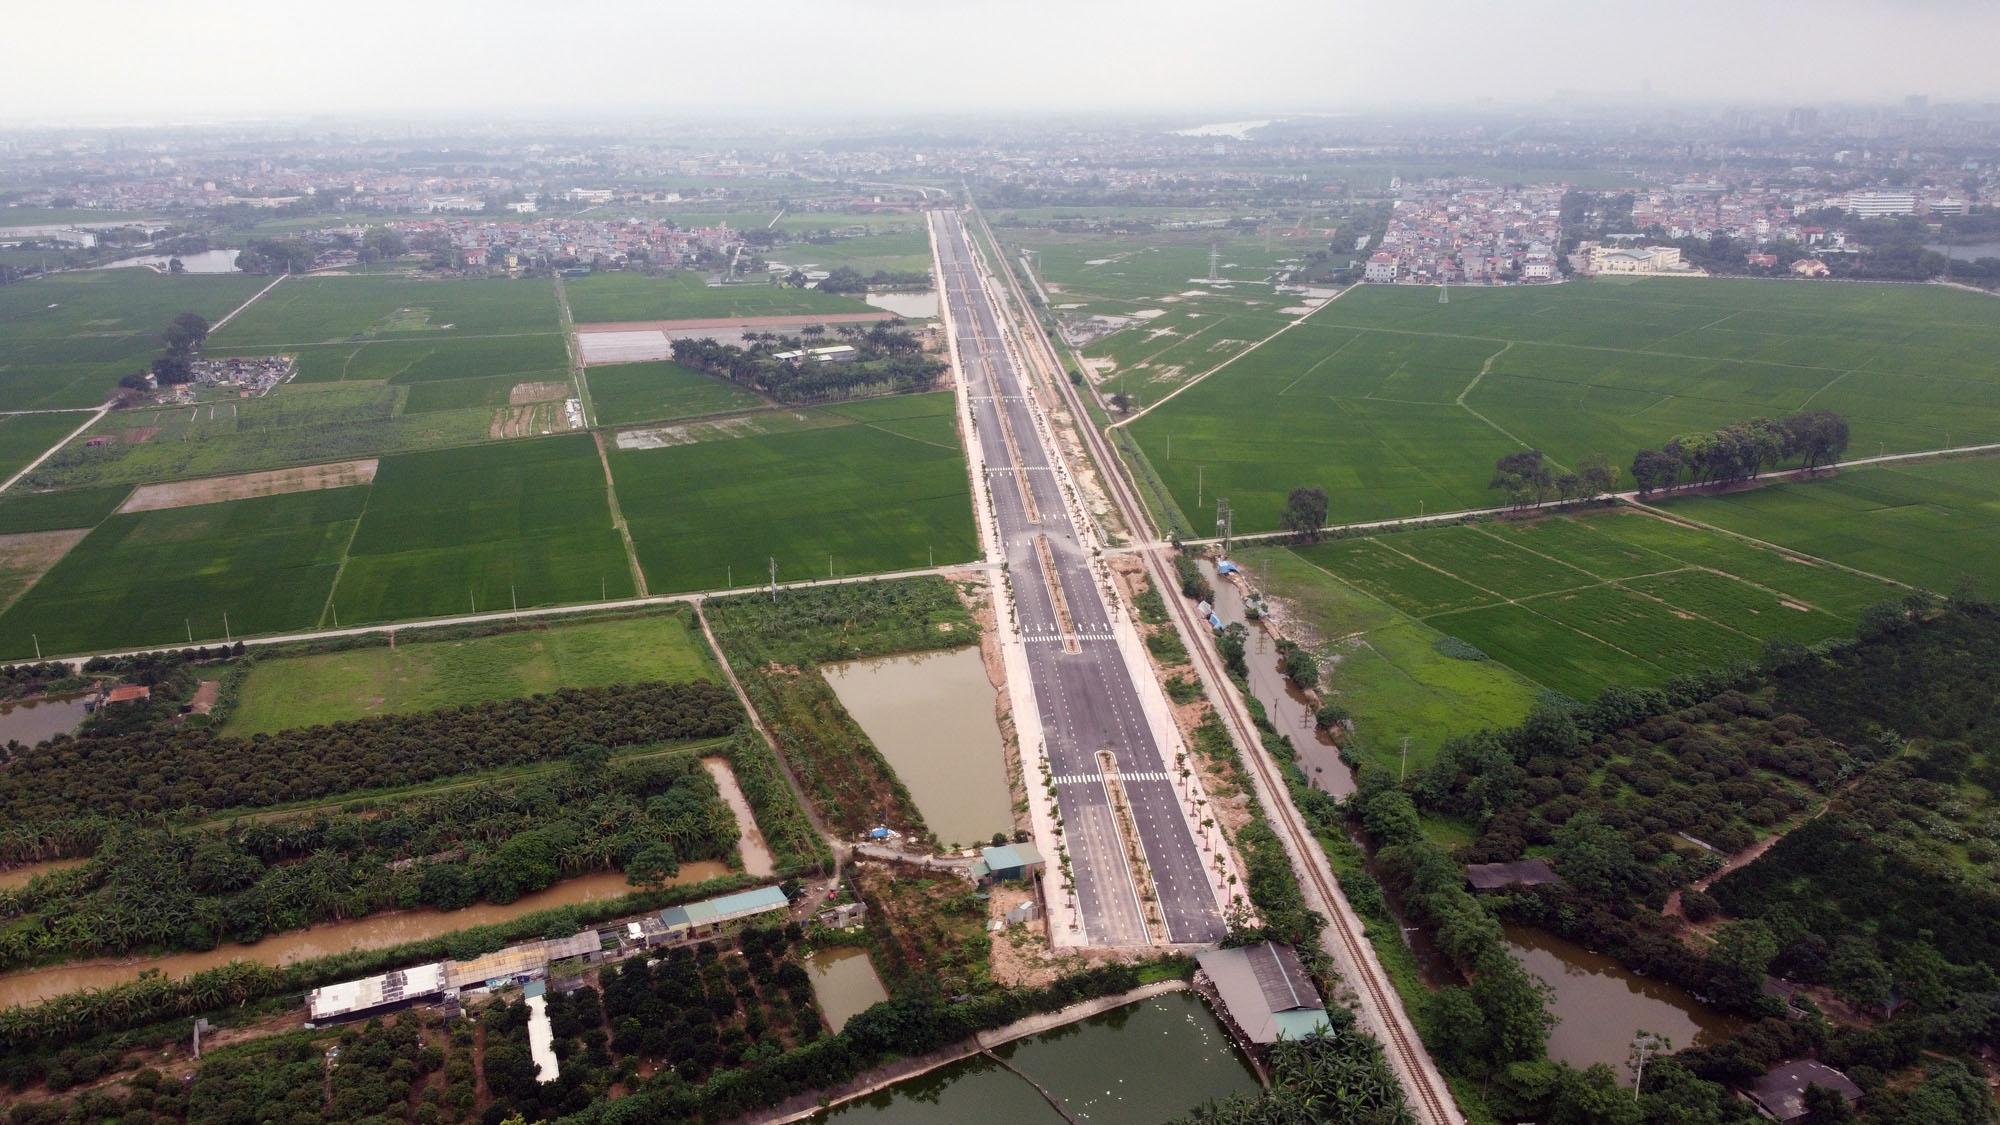 Cao tốc Bắc - Nam phía Đông hoàn thành đoạn Cam Lộ - La Sơn và Cao Bồ - Mai Sơn cuối năm nay - Ảnh 1.